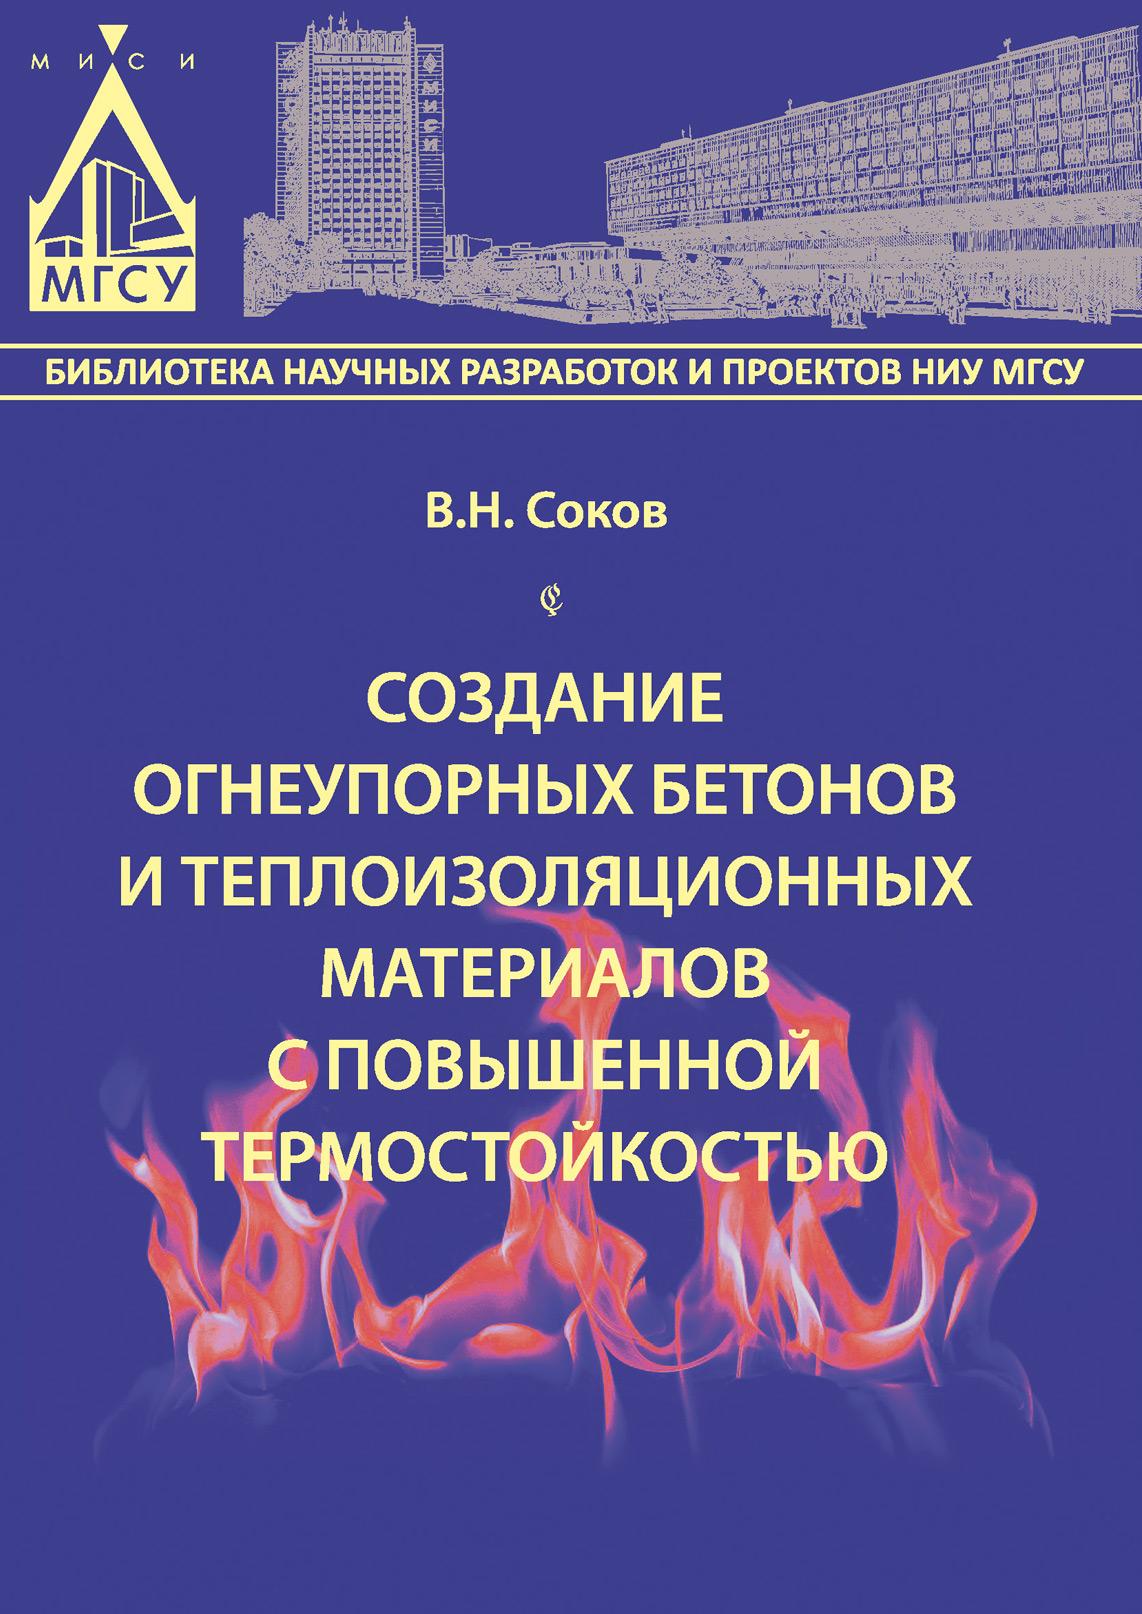 Создание огнеупорных бетонов и теплоизоляционных материалов с повышенной термостойкостью